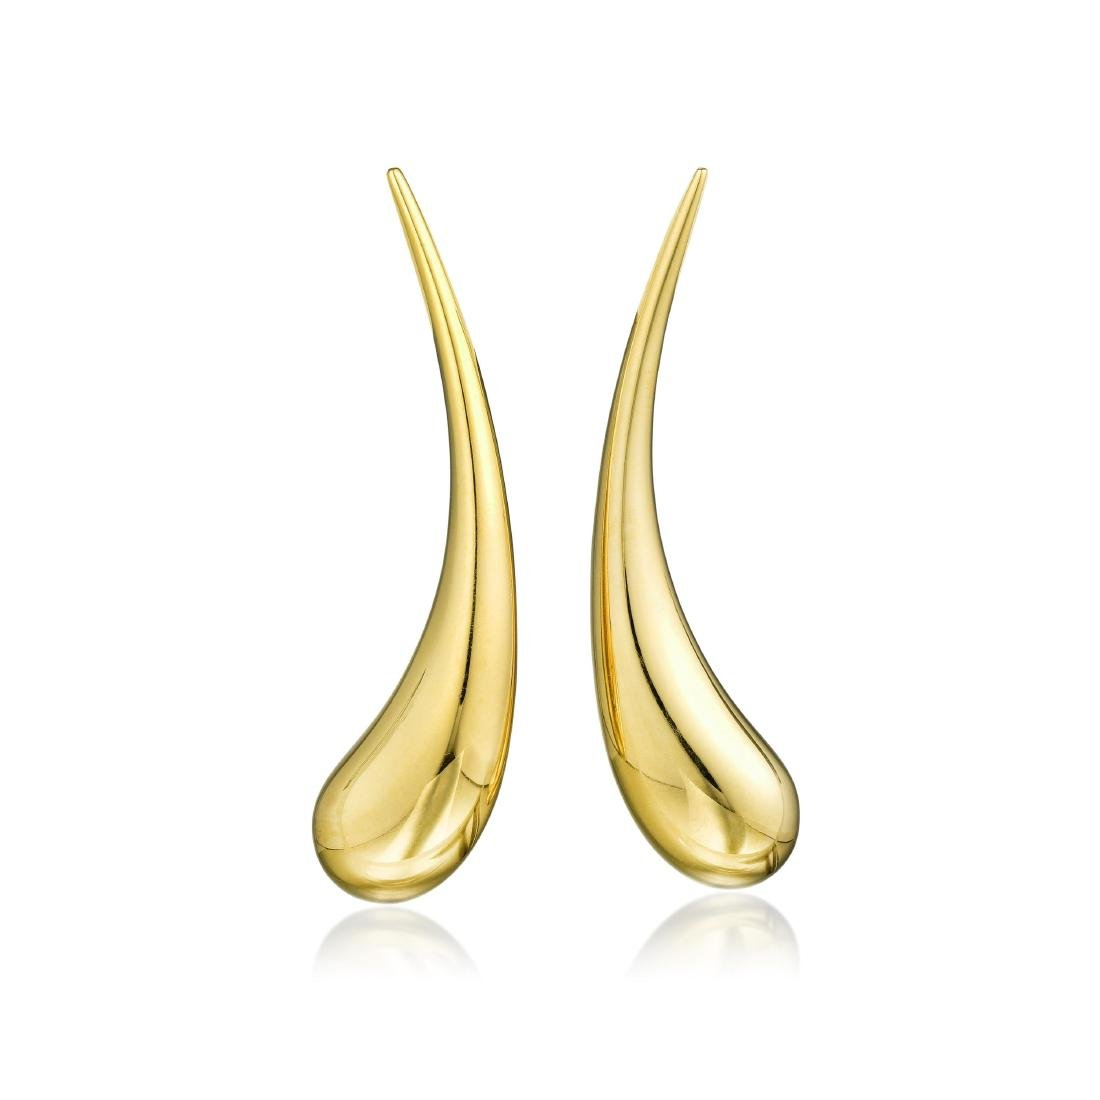 Tiffany & Co. Elsa Peretti 18K Gold Teardrop Earrings